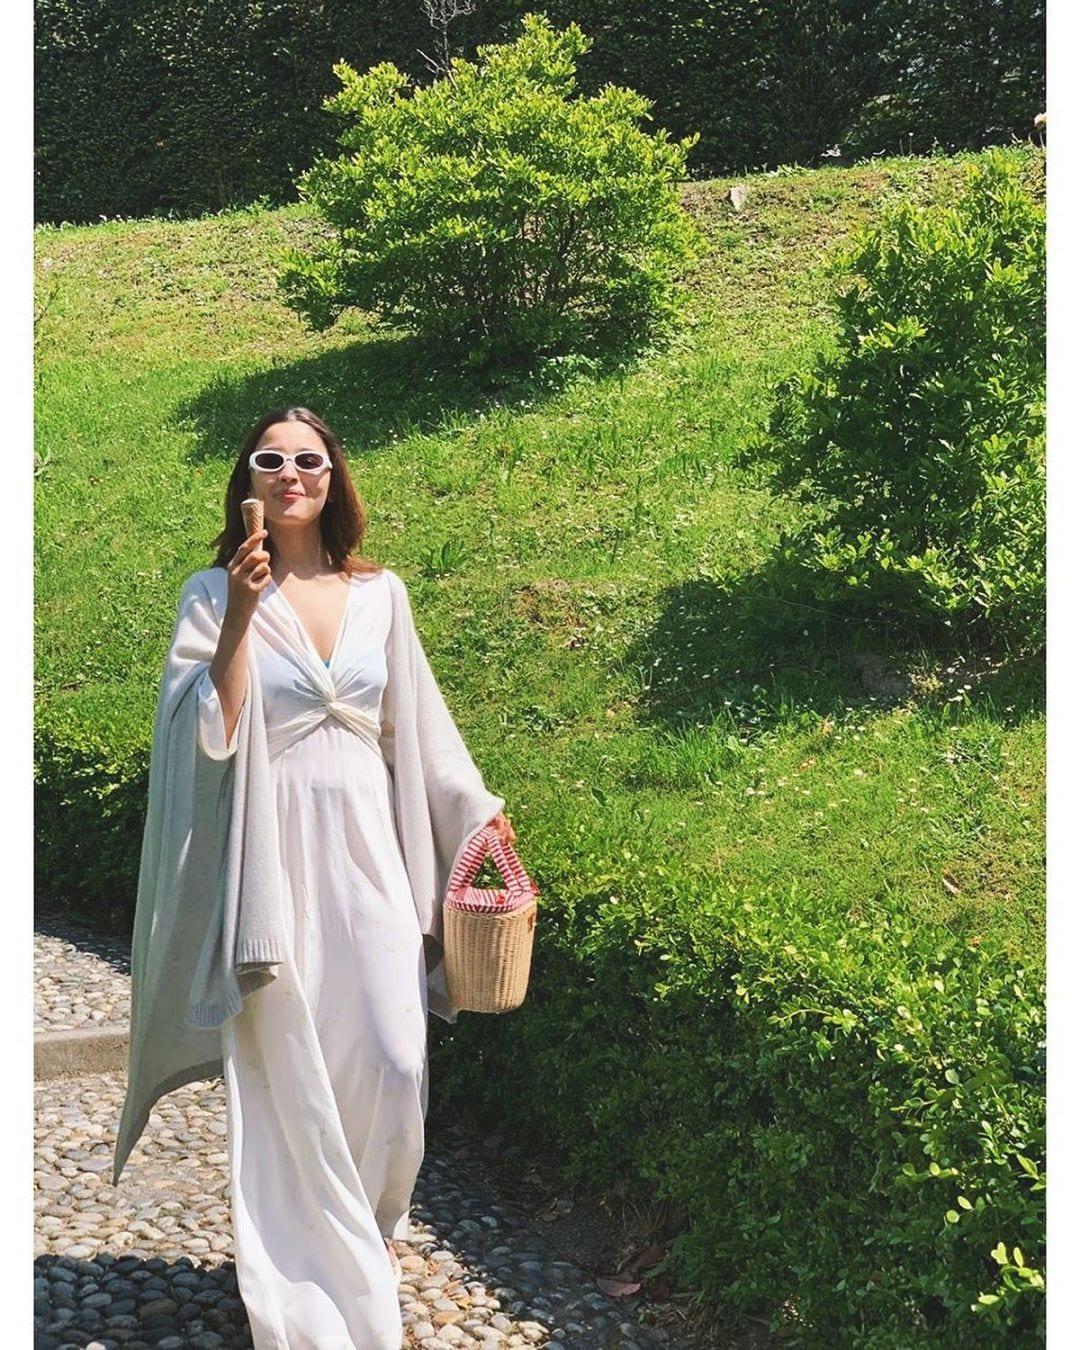 అలియా భట్ లేటెస్ట్ ఫోటోస్ Photo: Instagram/aliaabhatt